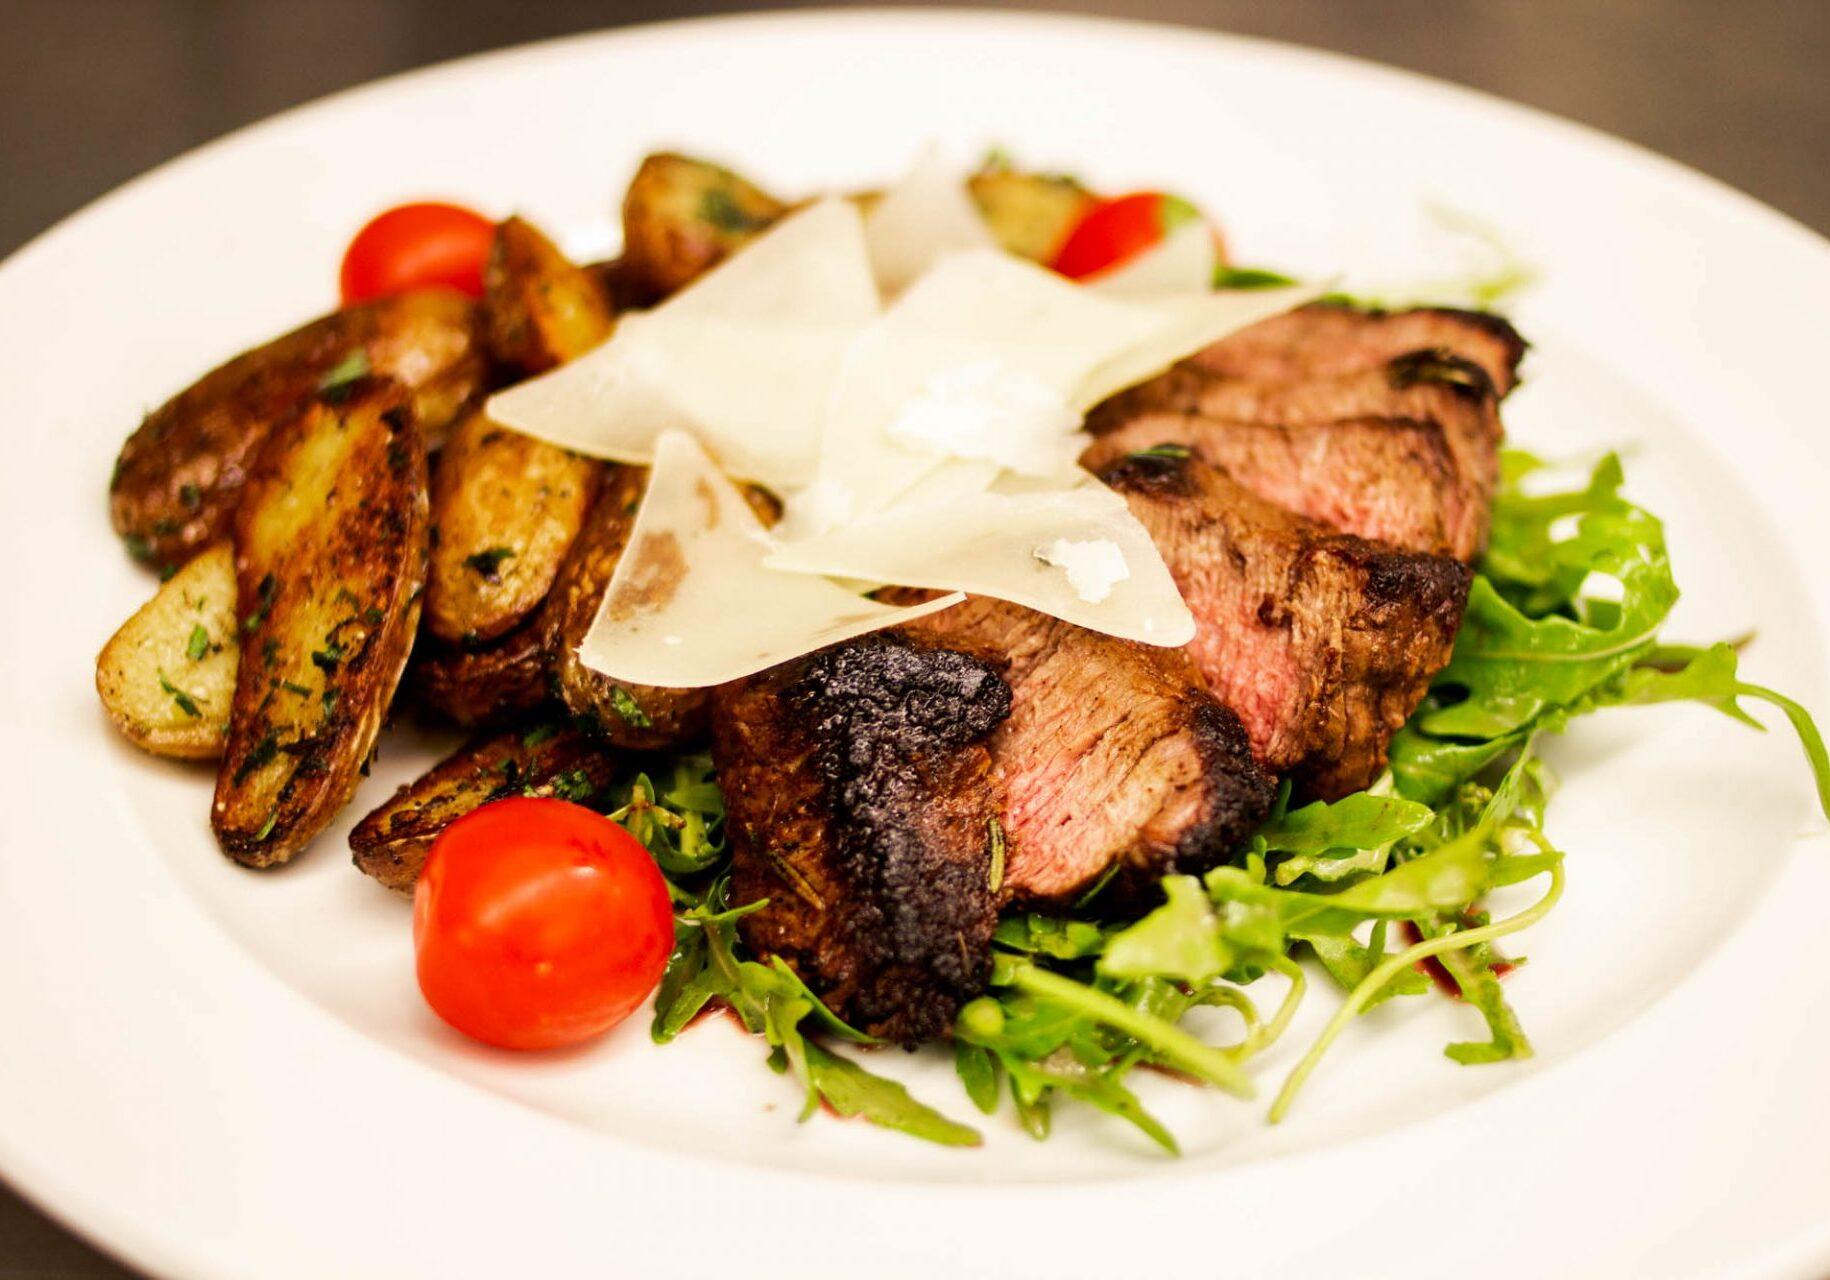 gavesi-restaurant-eching-04062020-10